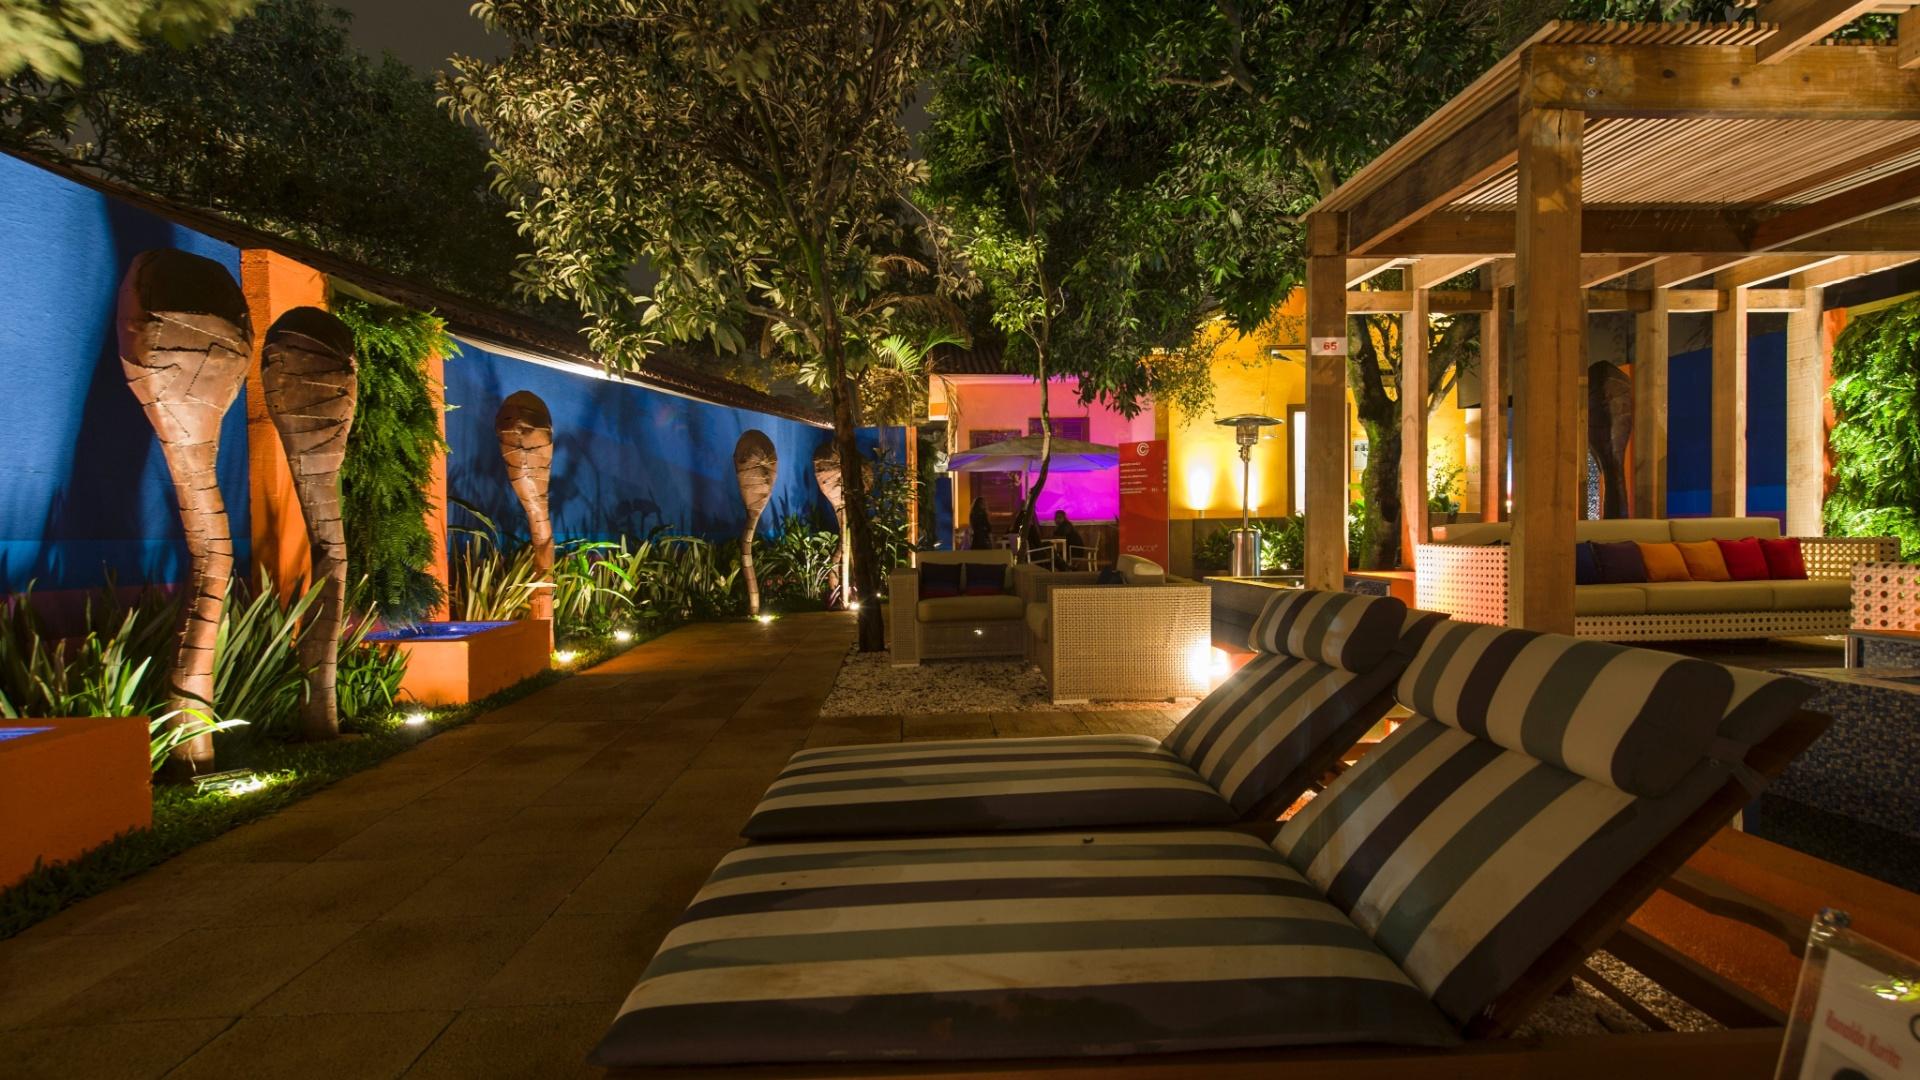 Inspirado na série Campbell's  Soup Cans do artista norte-americano Andy Warhol, o Jardim das Casas, projetado pelo arquiteto Ronaldo Kurita, une descontração e casualidade. Marcado por tons terrosos mesclados com cores vibrantes, o ambiente tem espreguiçadeiras na área do solarium e espaço para refeições